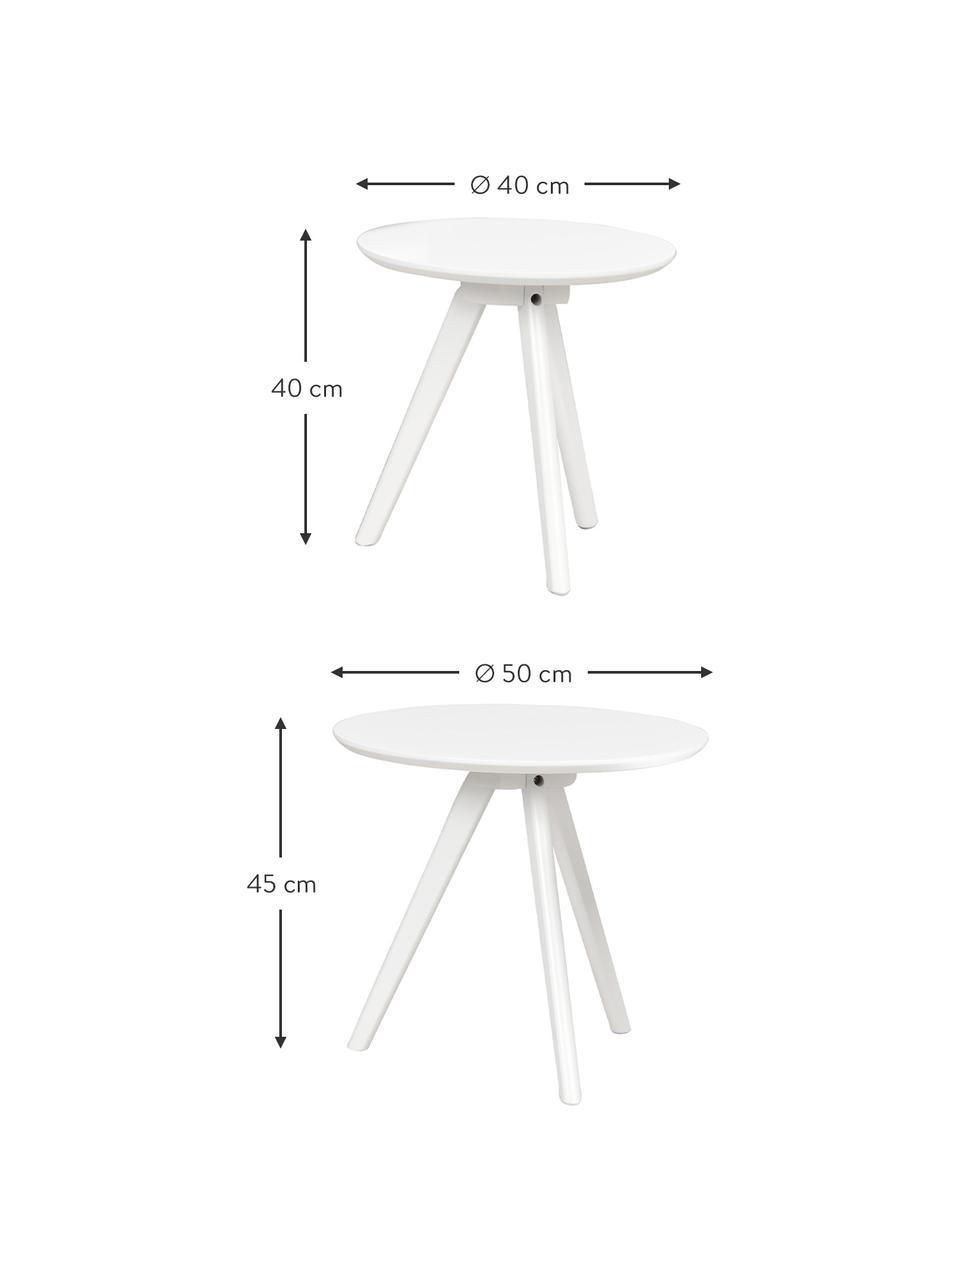 Komplet stolików pomocniczych Yumi, 2 elem., Blat: płyta pilśniowa średniej , Nogi: lite drewno kauczukowe, l, Biały, Komplet z różnymi rozmiarami